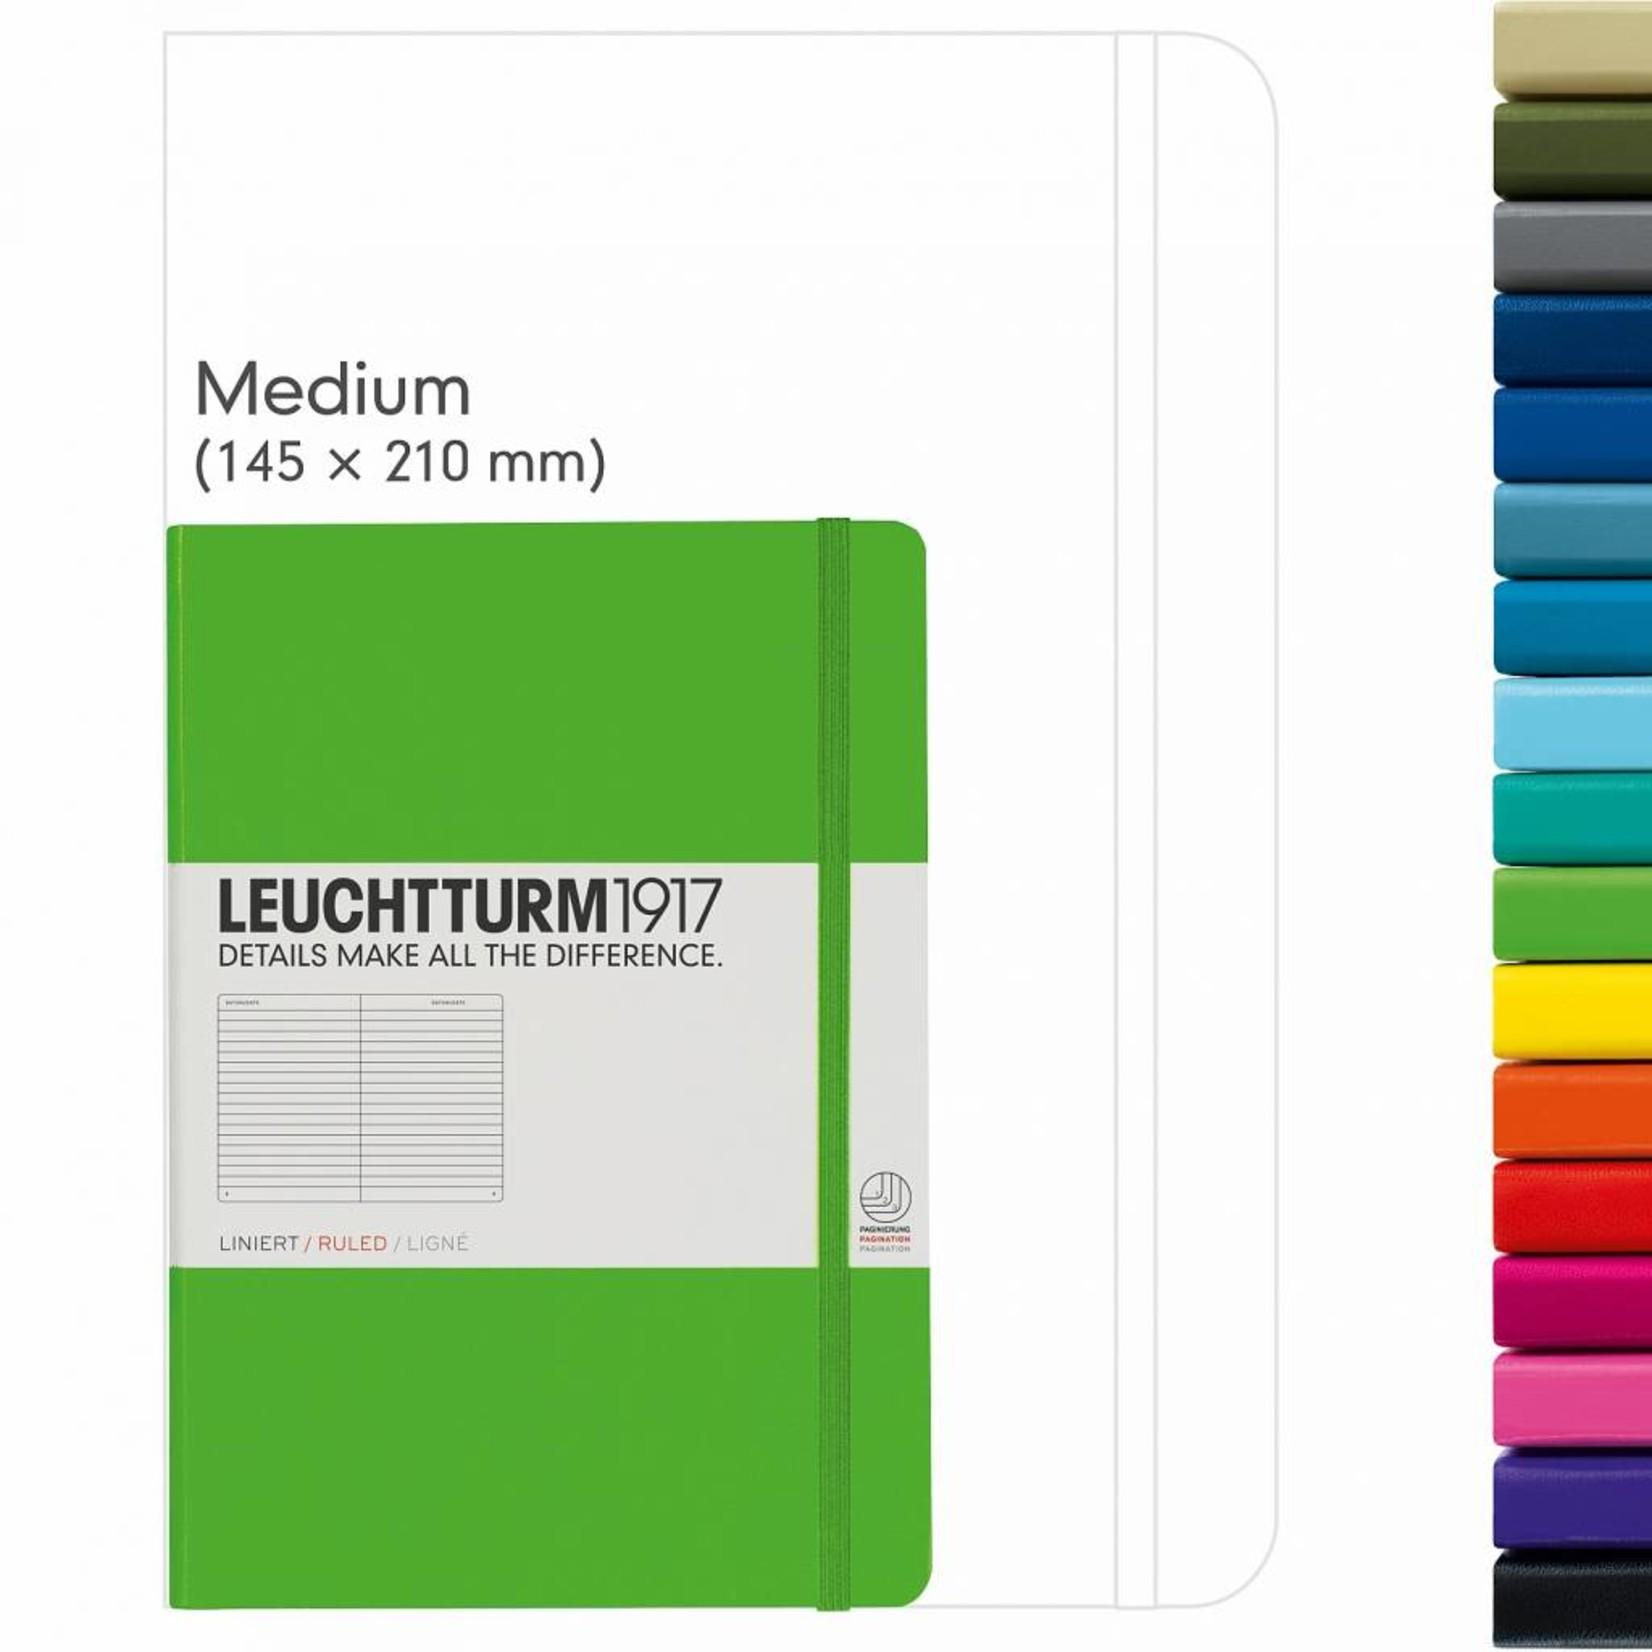 Leuchtturm1917 Leuchtturm1917 Notizbuch, Medium, Smaragd, Liniert